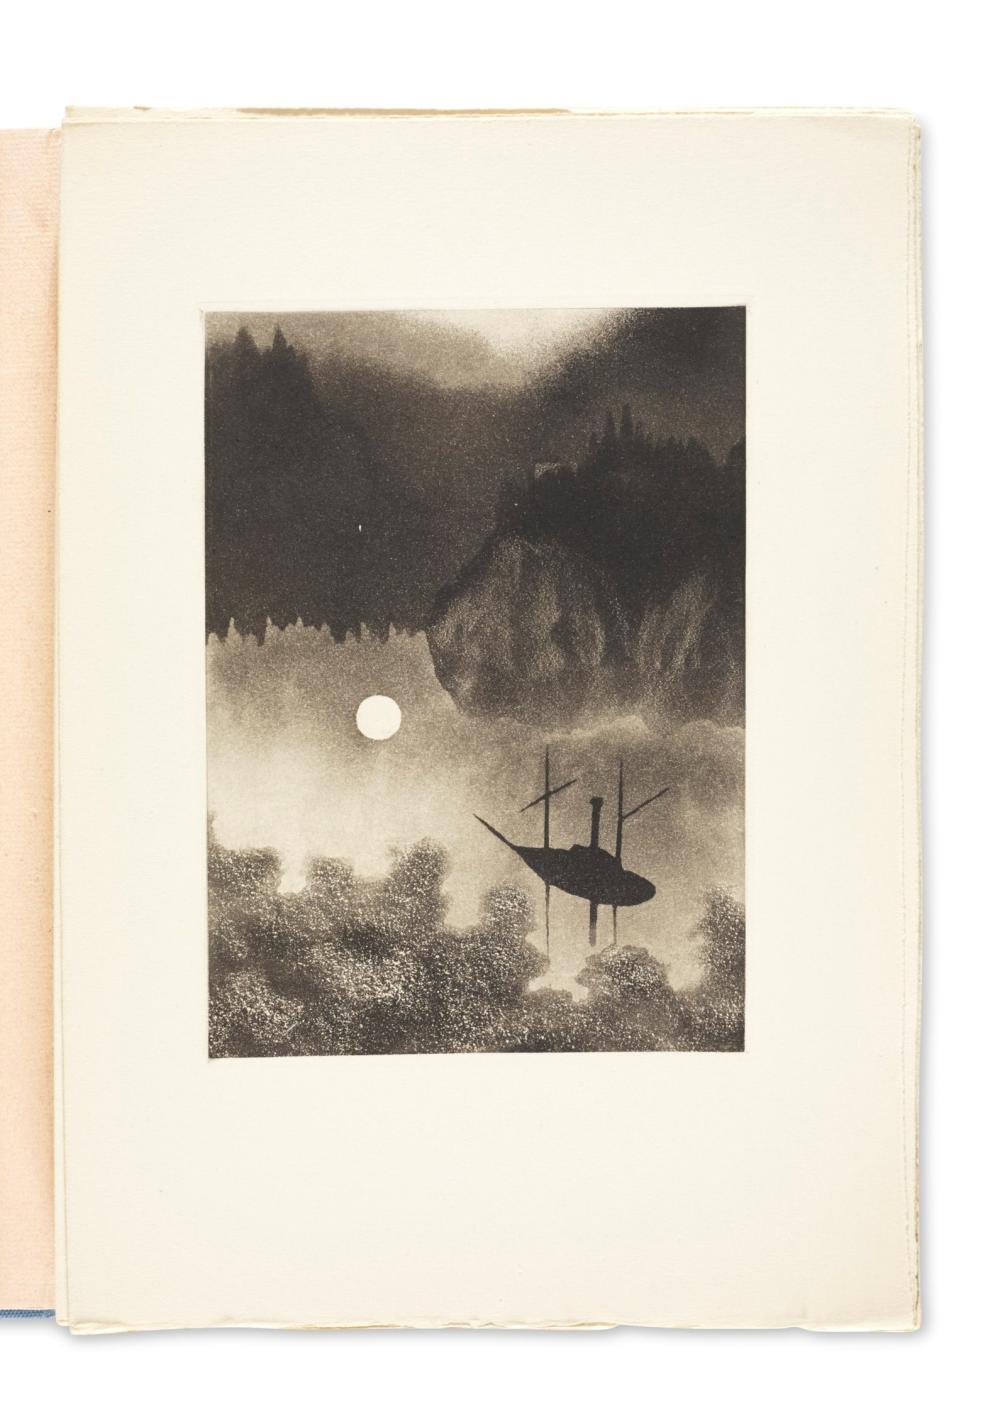 ALEXEÏEFF, Alexandre (1901-1982) et Hans ANDERSEN (1805-1875) Images de la lune. Paris : Union